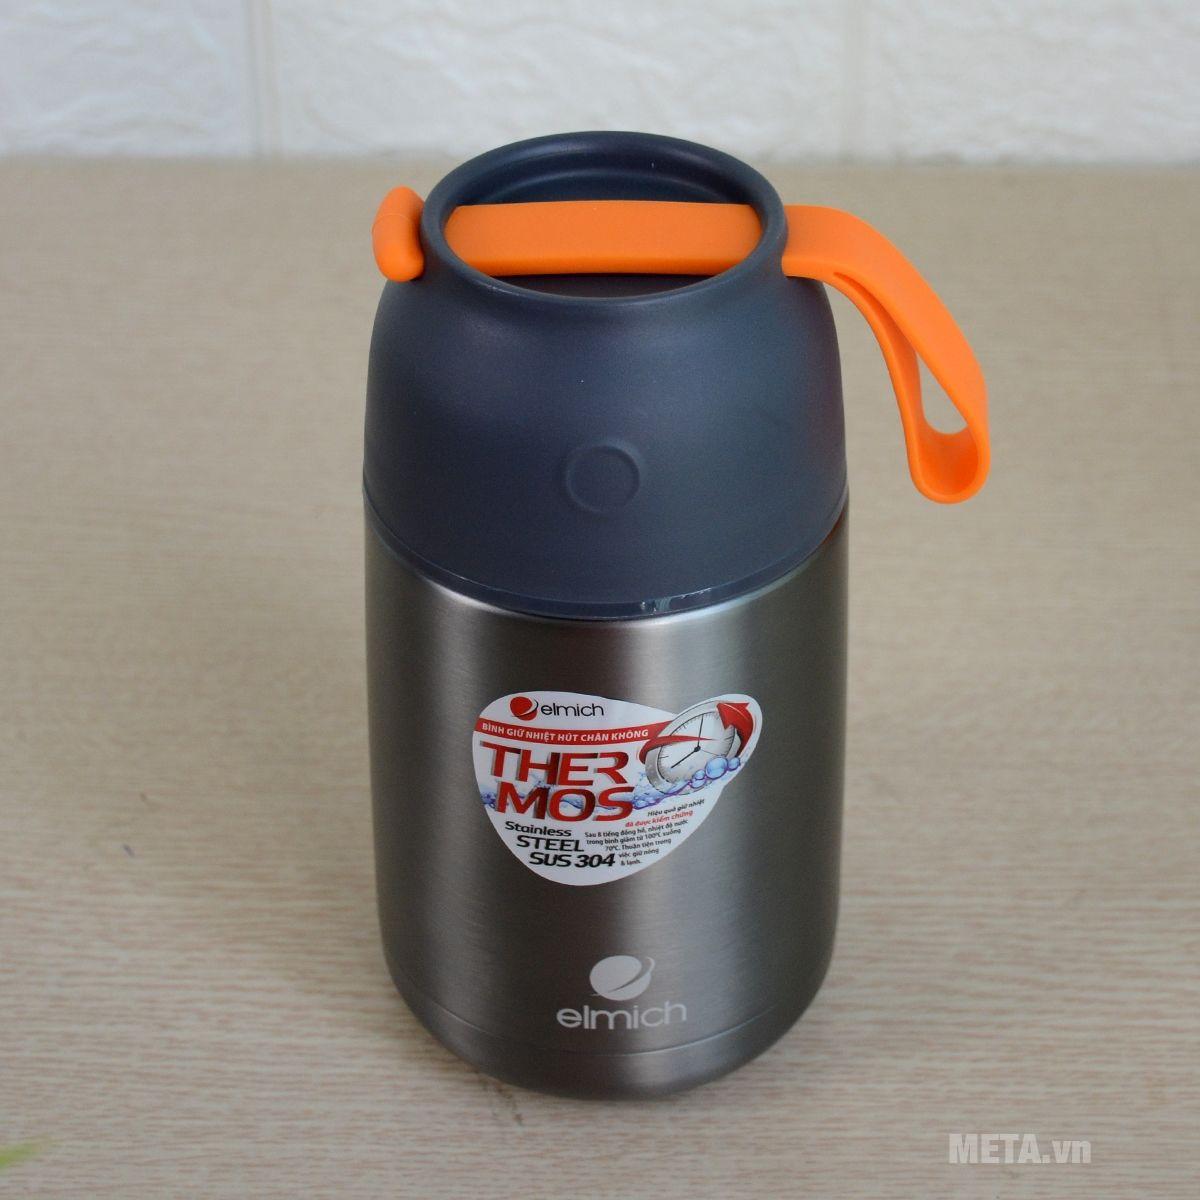 Bình giữ nhiệt Elmich 2242355 được làm từ inox 304 an toàn cho sức khỏe